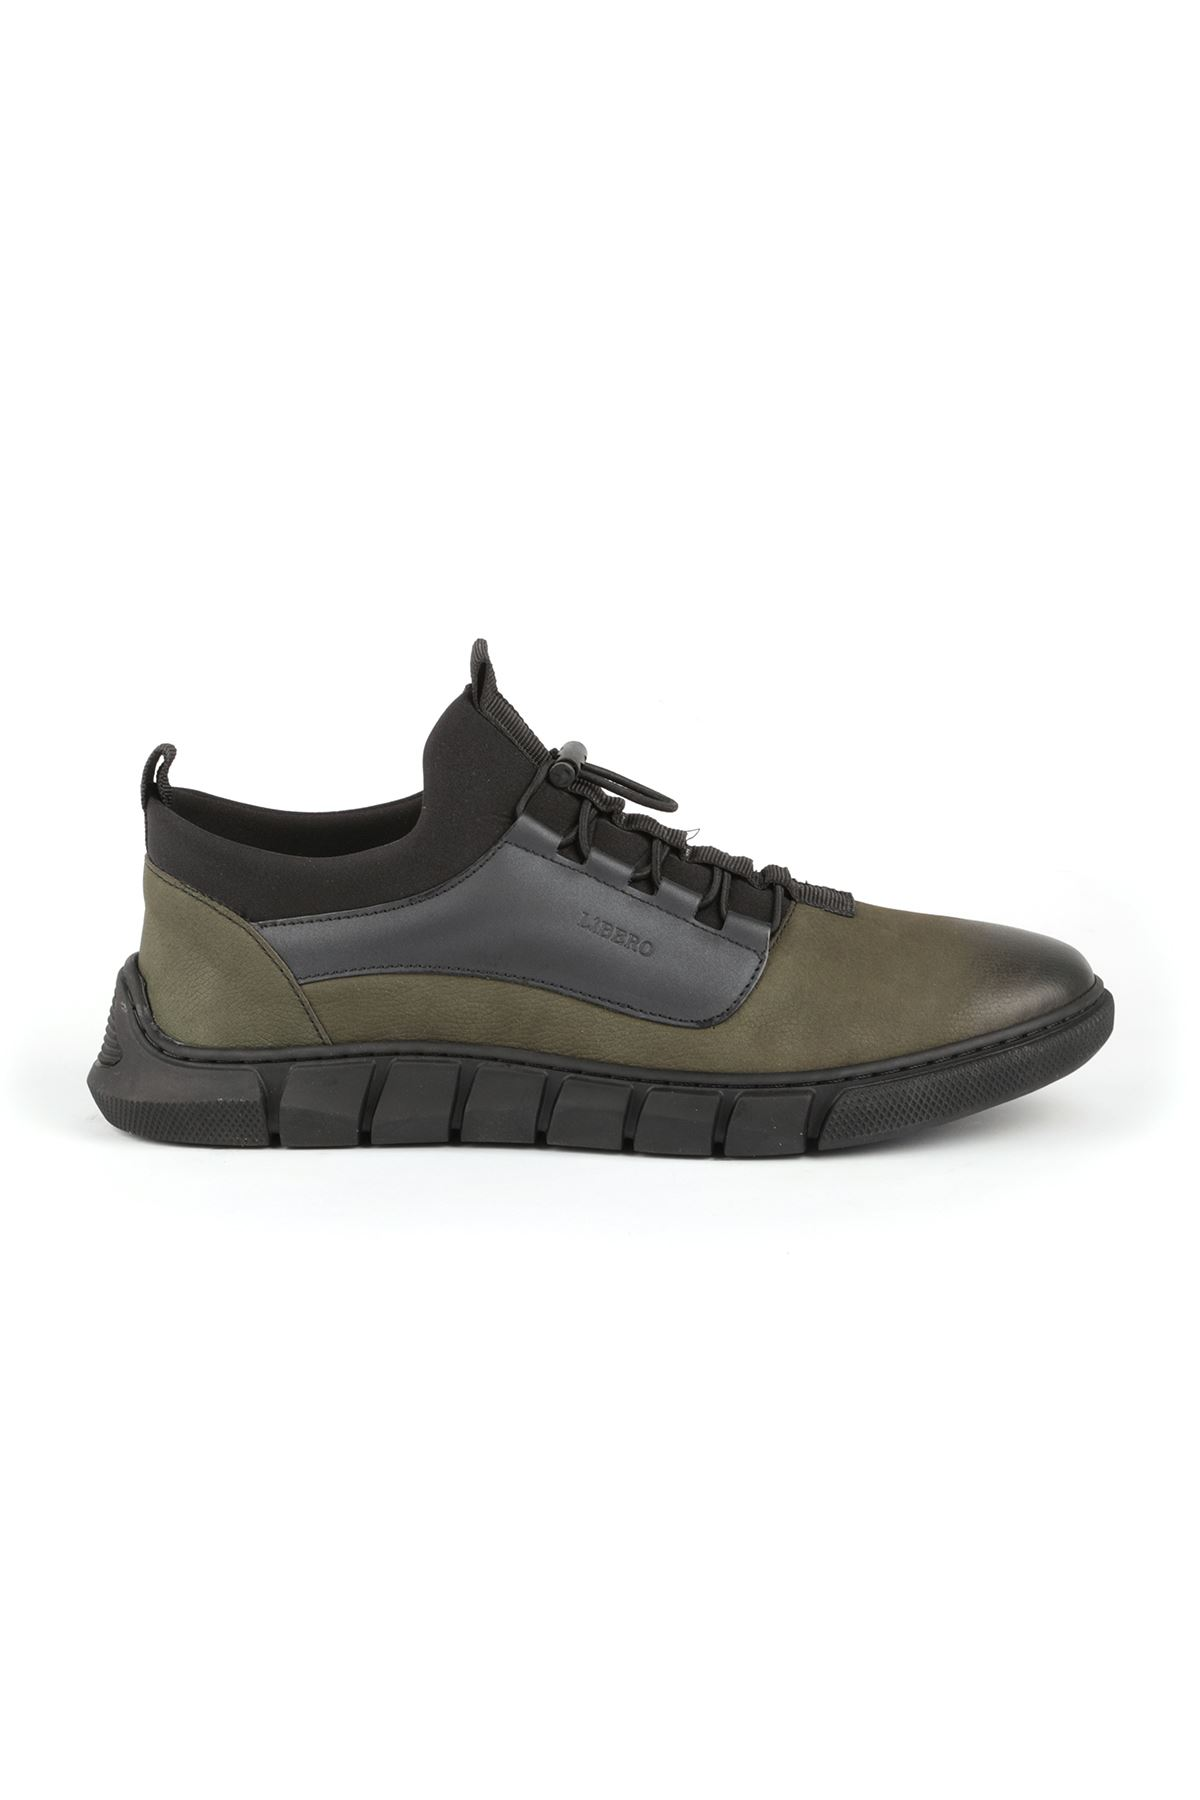 Libero L3589 Khaki Sport Shoes